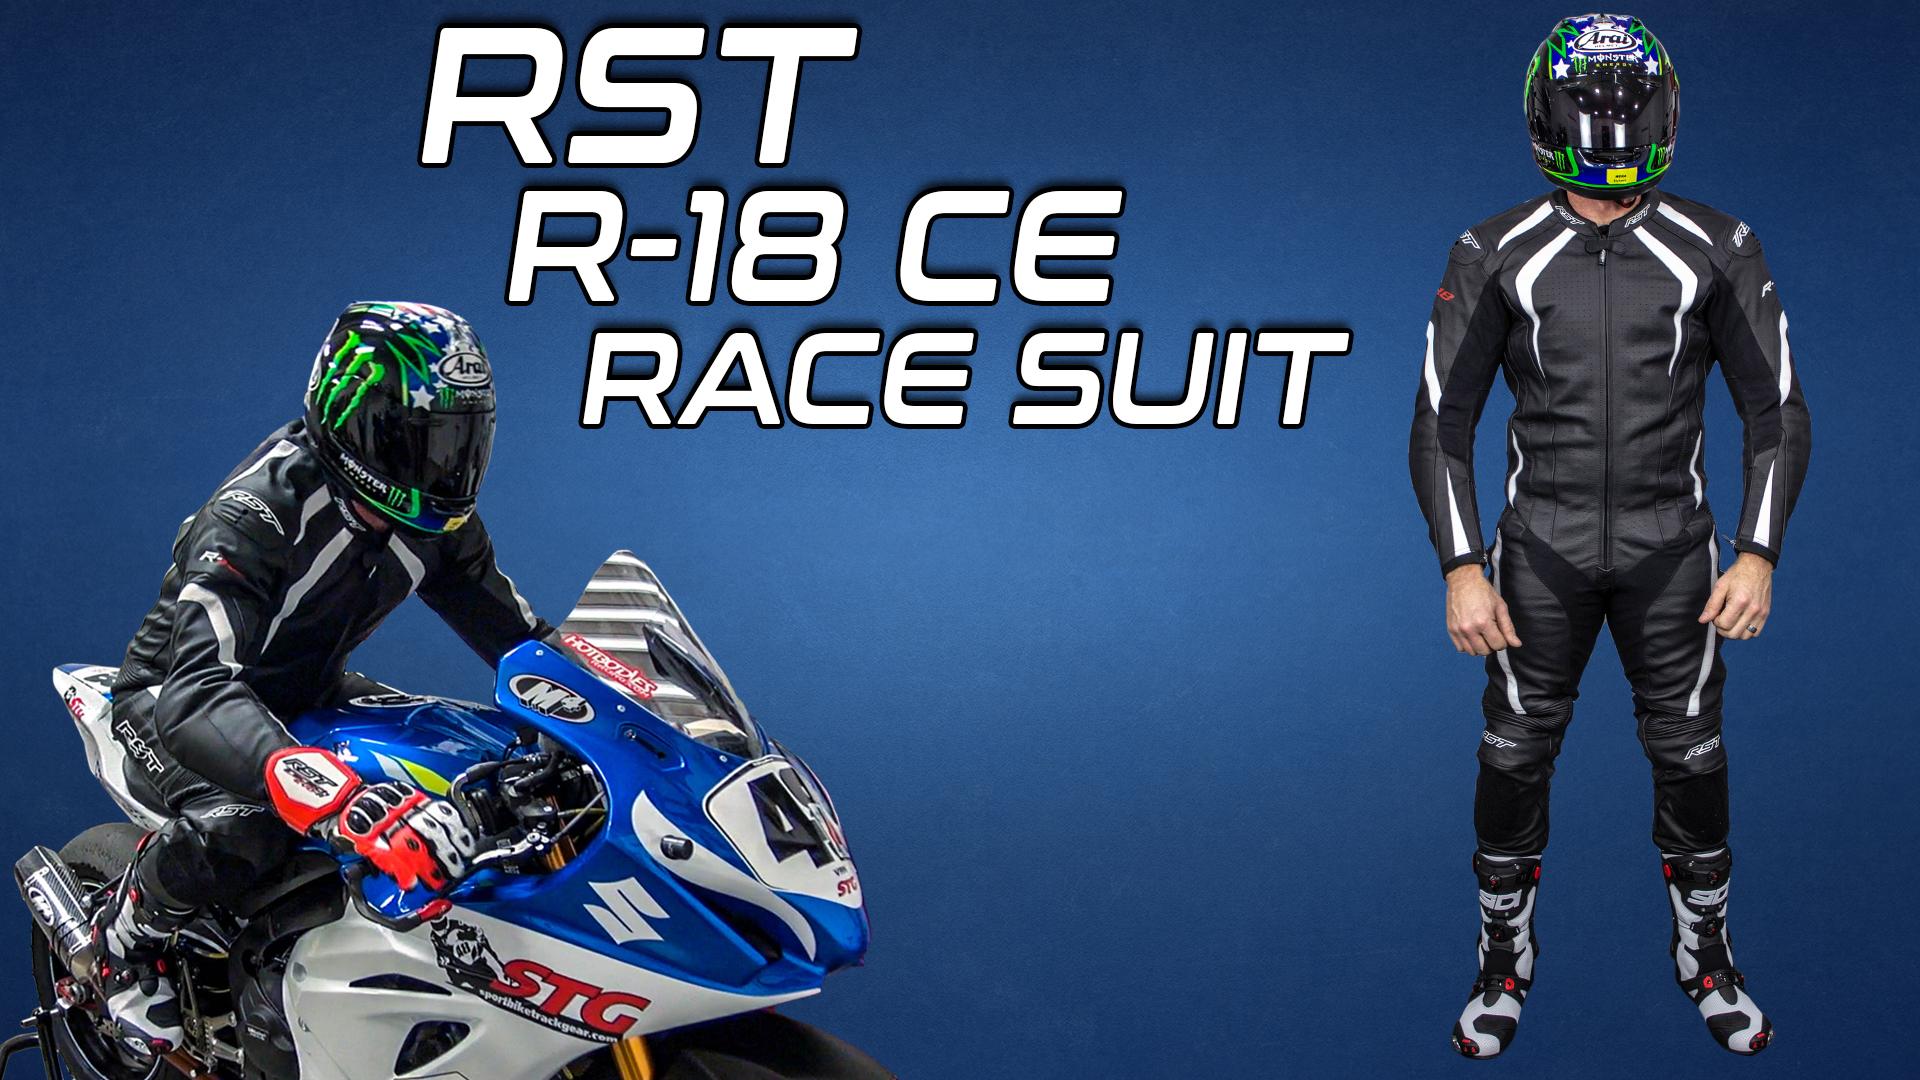 RST R-18 CE Race Suit